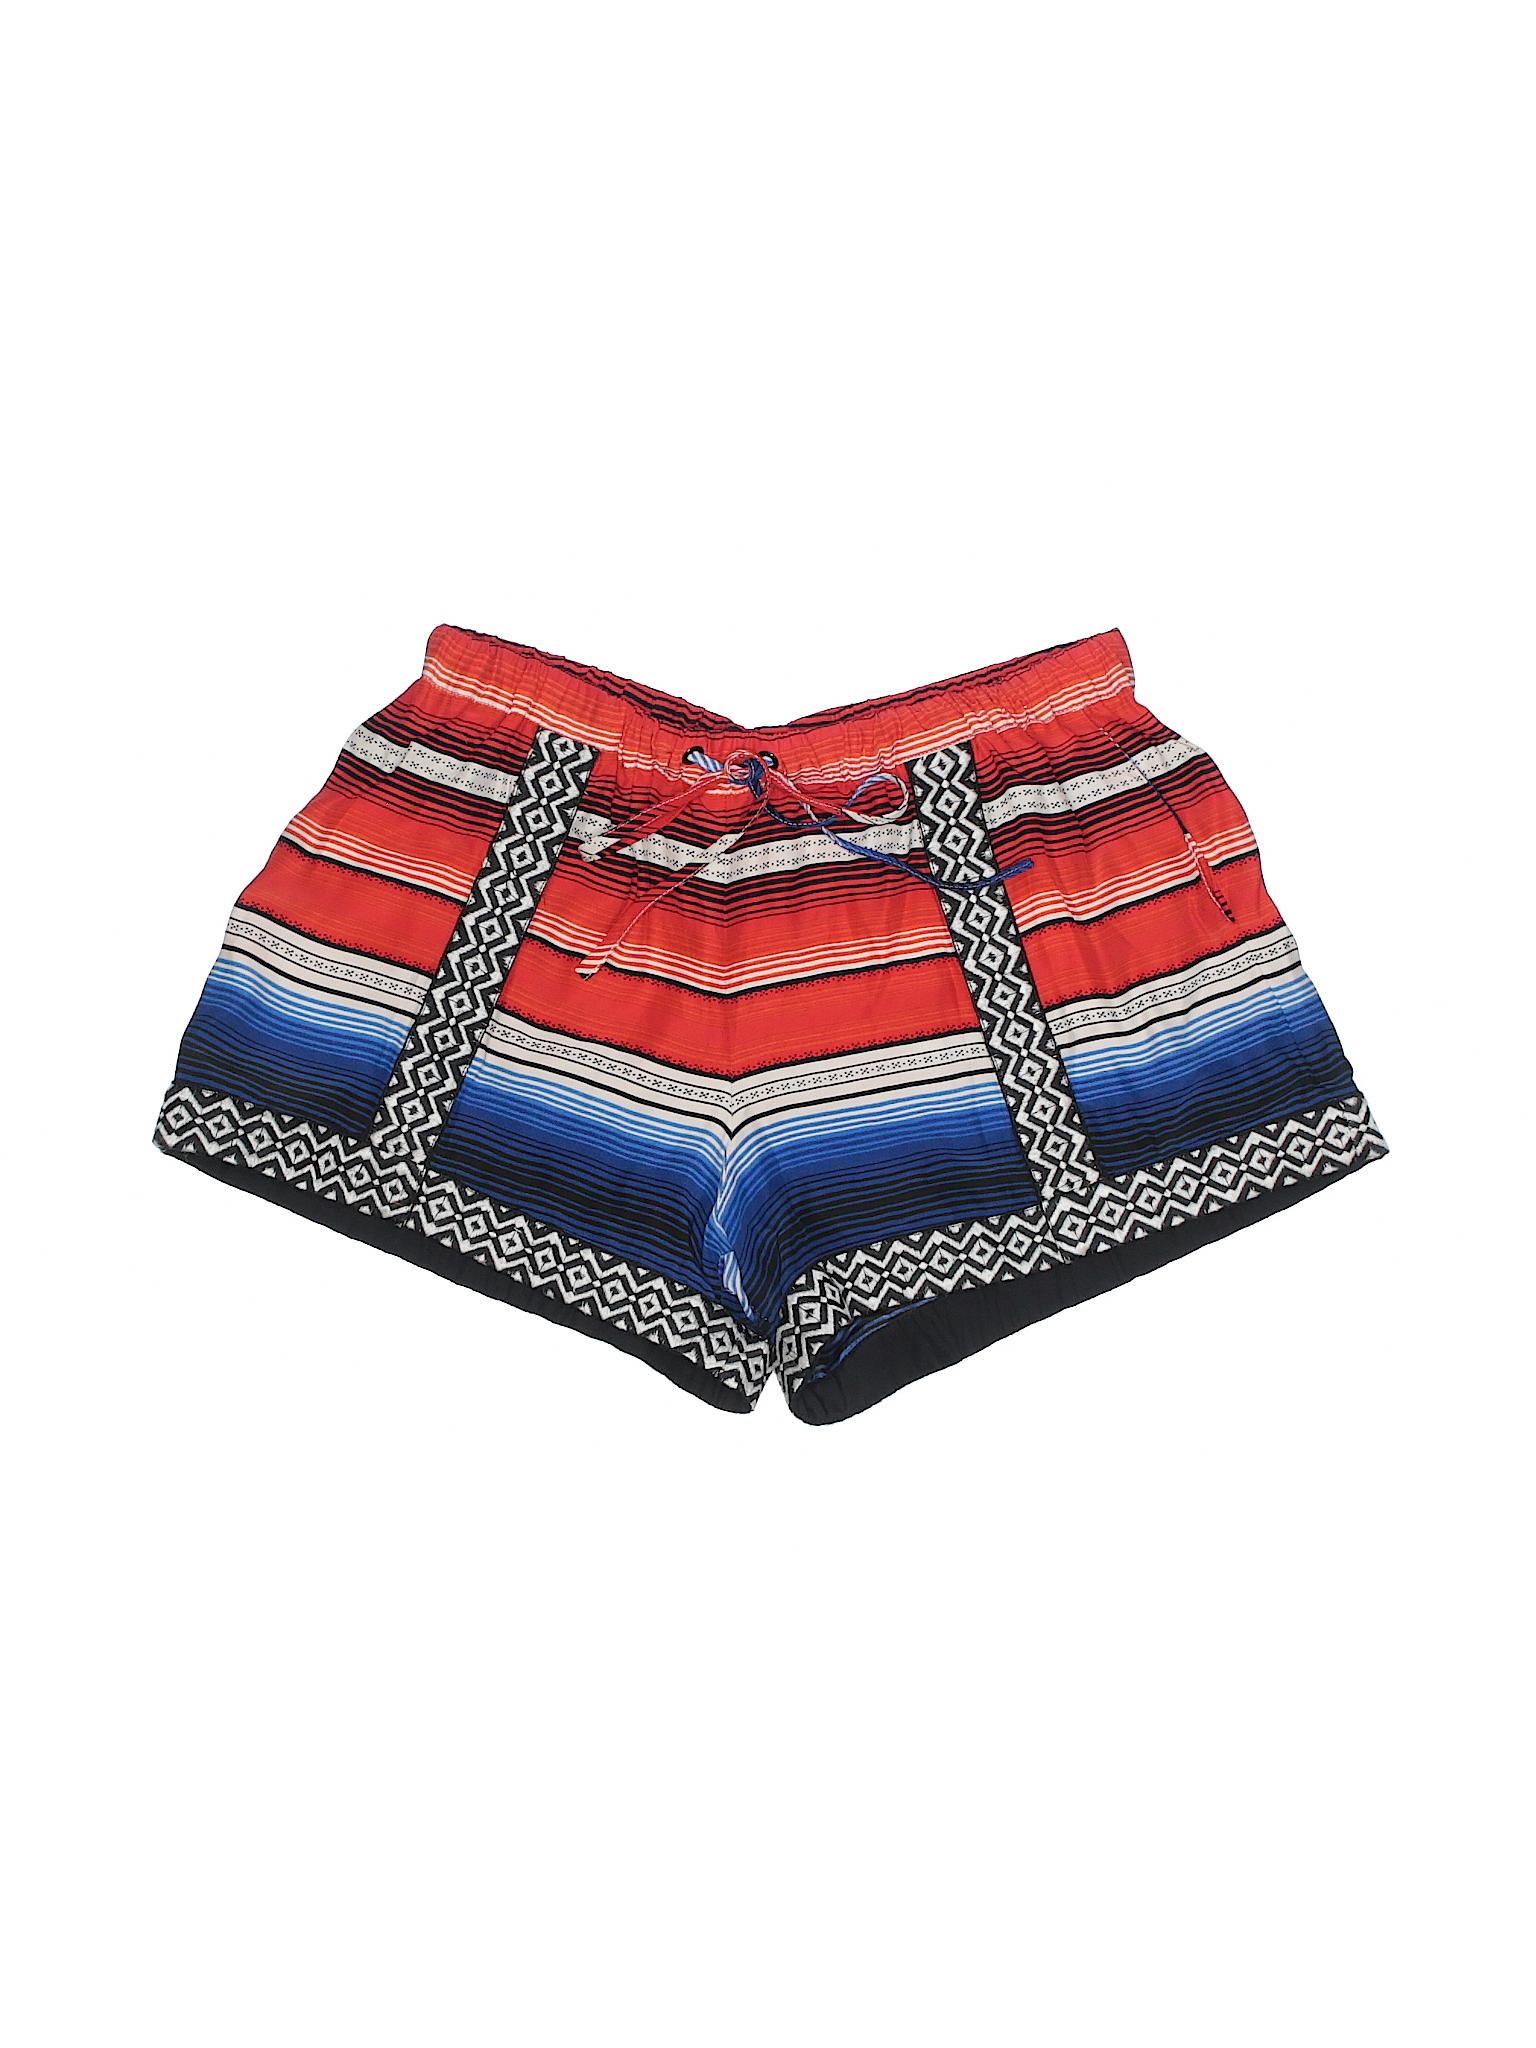 Shorts Parker Boutique Shorts Boutique Boutique Shorts Shorts Parker Boutique Parker Boutique Parker Parker Shorts dAqYd5